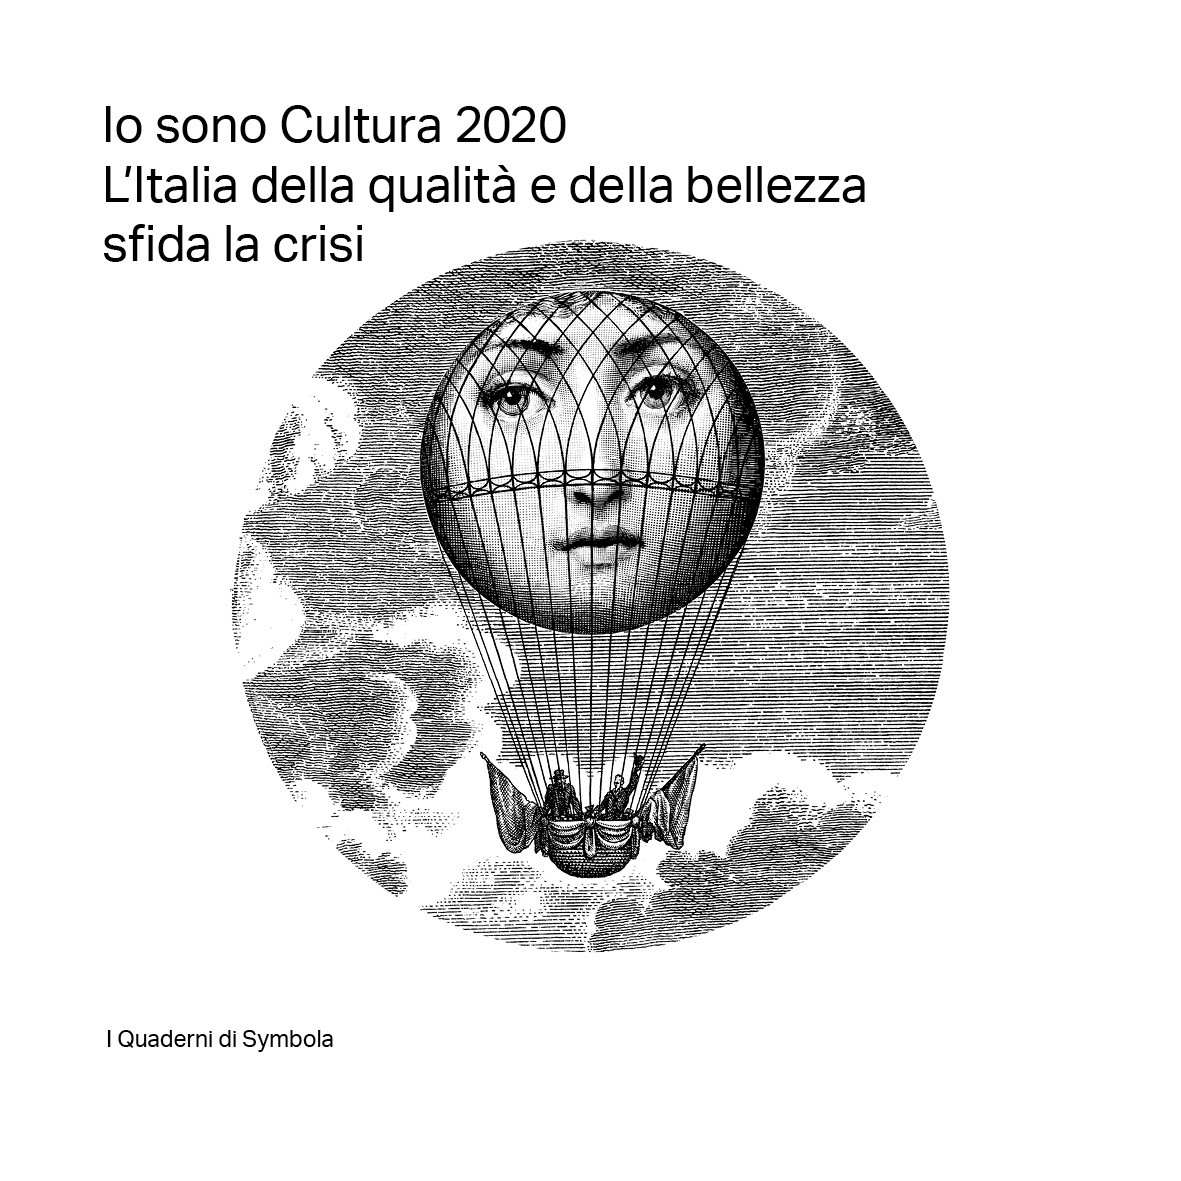 presentazione Io sono cultura 2020